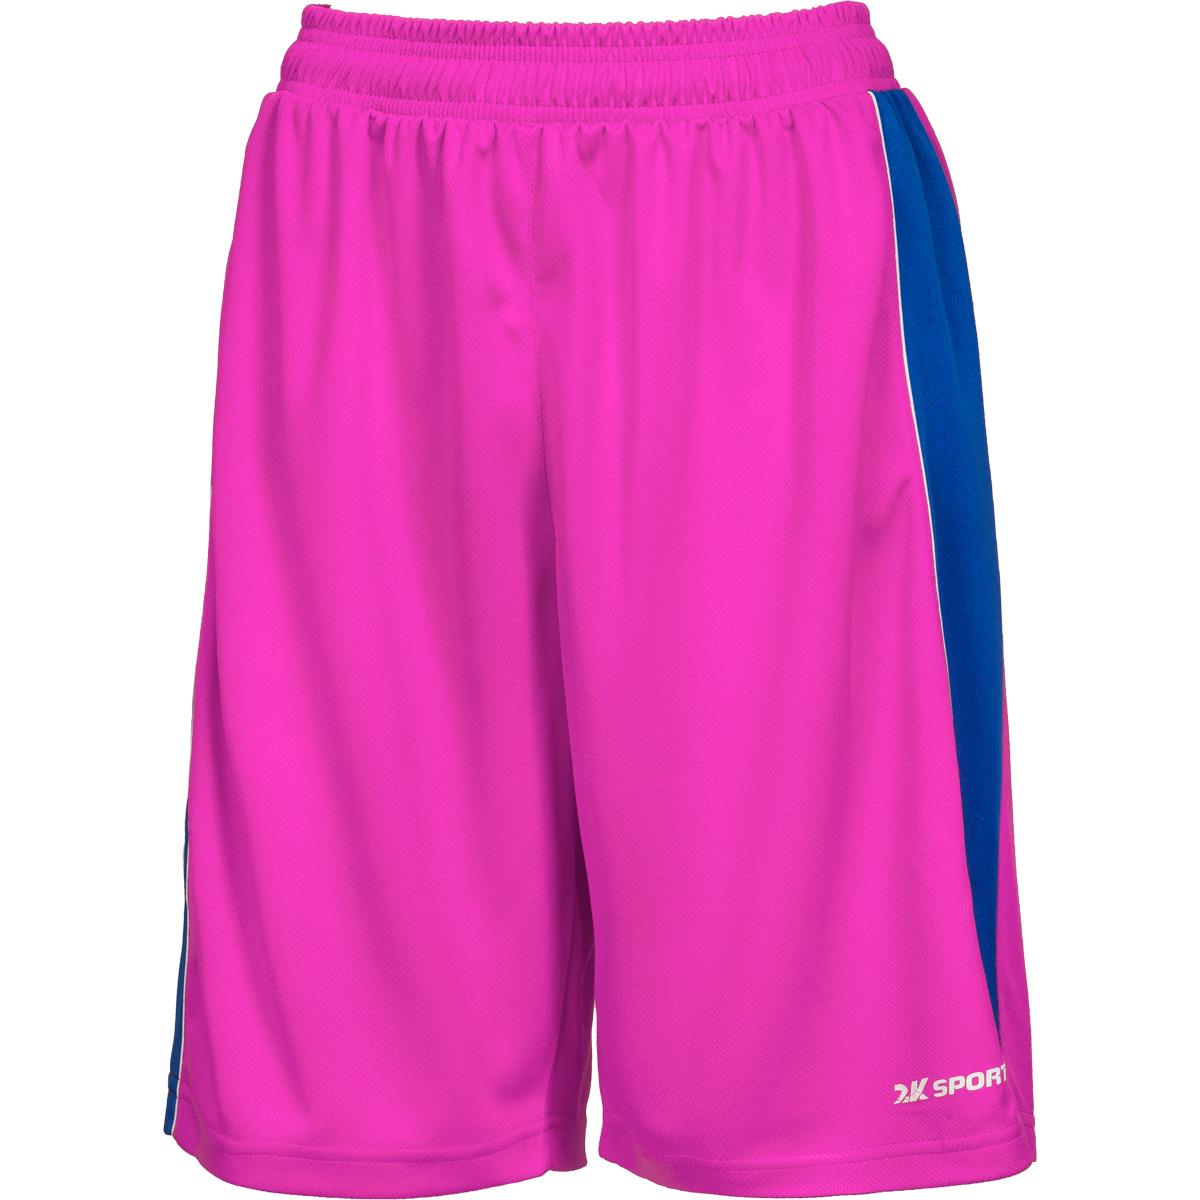 Шорты баскетбольные женские 2K Sport Advance, цвет: пурпурный, синий, белый. 130033. Размер XL (48/50) бриджи антицеллюлитные женские lanaform mass & slim tourmaline цвет серый la0129044e размер xl 48 50